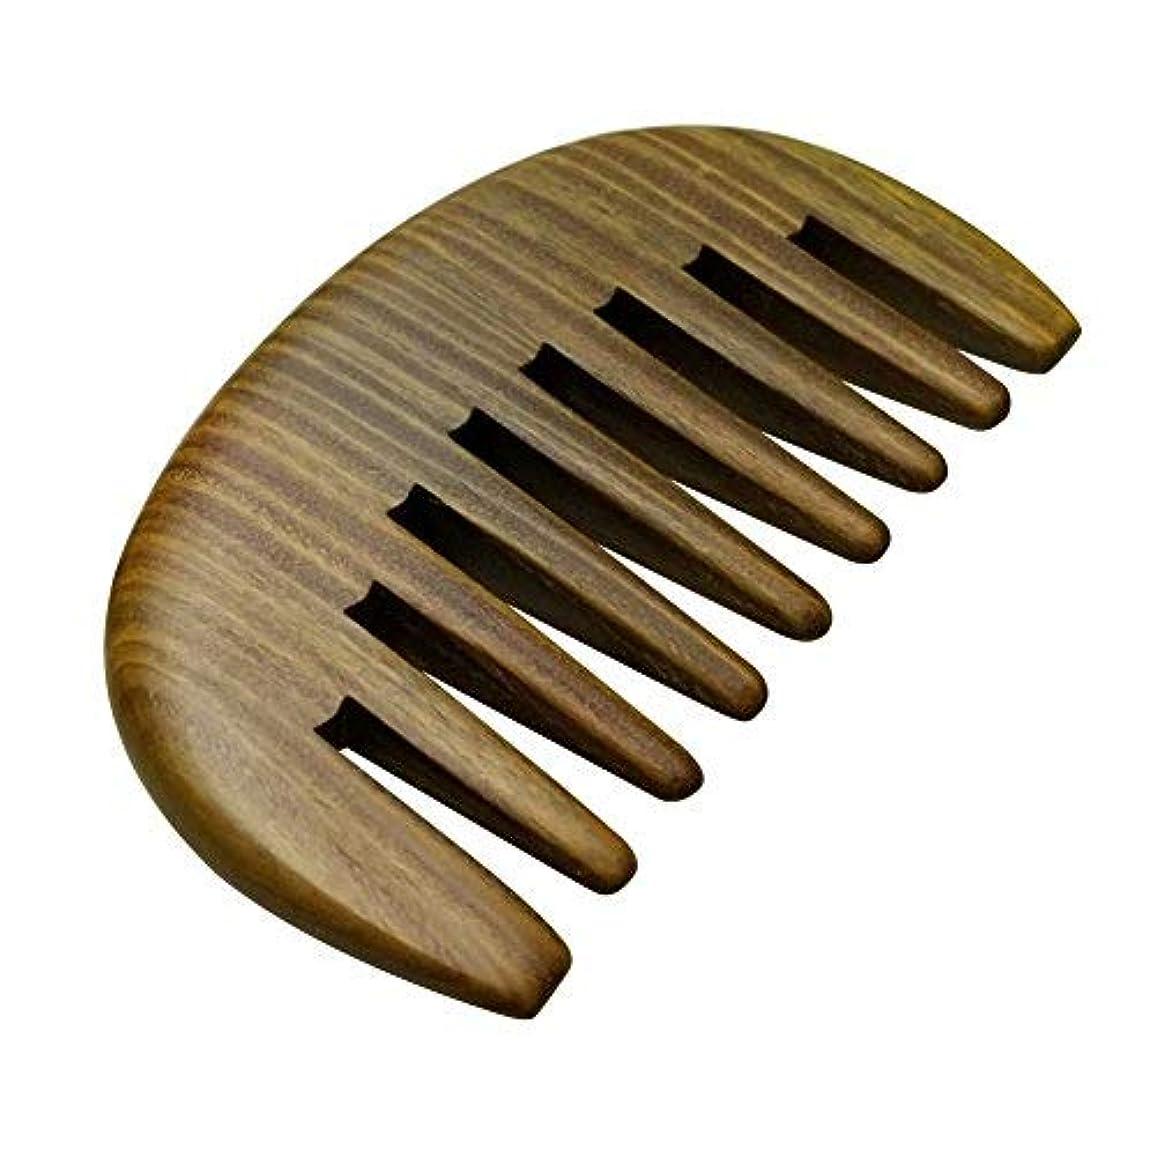 乳剤助言する開発するHair Comb Wooden Wide Tooth Detangling Comb for Curly Hair Anti-Static Wood Combs Handmade Natural Sandalwood...